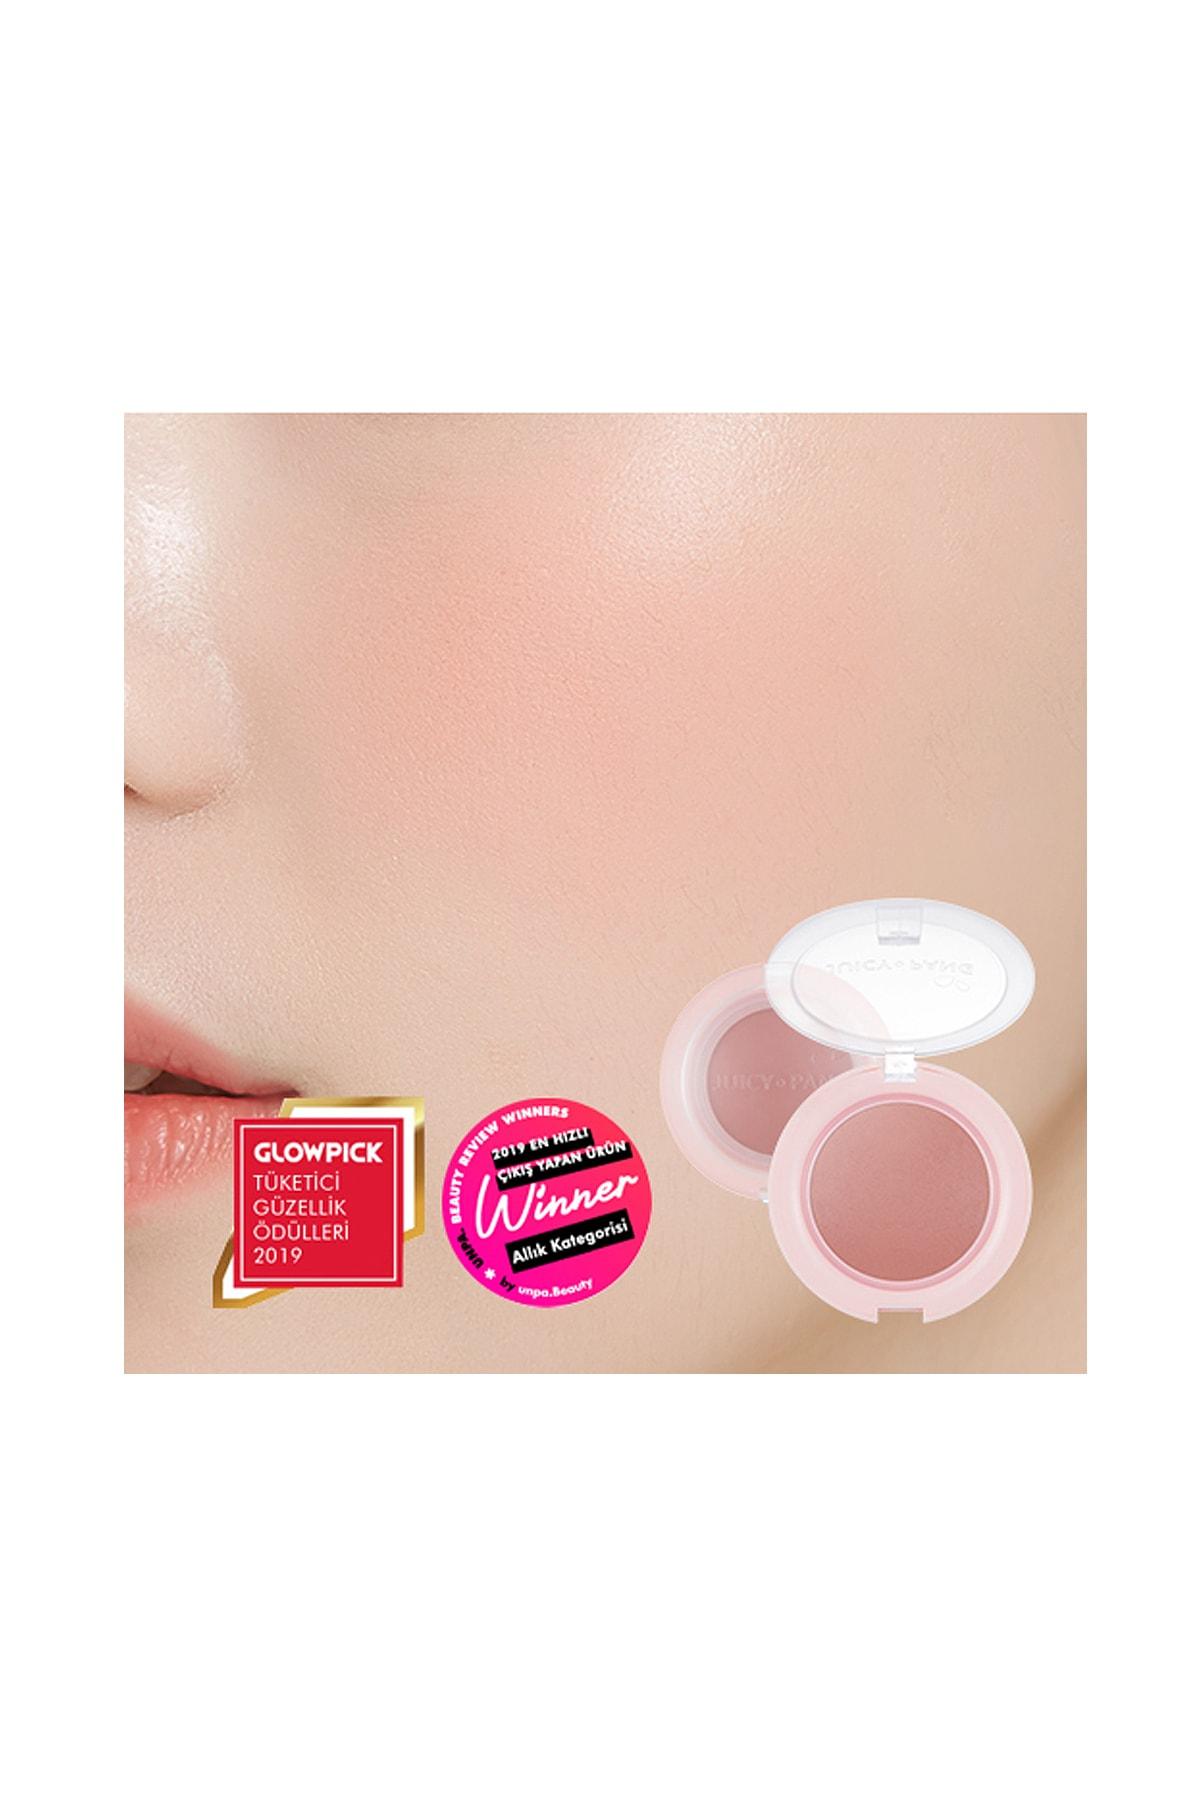 Missha Meyve Tonlarında Doğal Görünümlü Jel Allık APIEU Juicy-Pang Jelly Blusher (BE01) 0